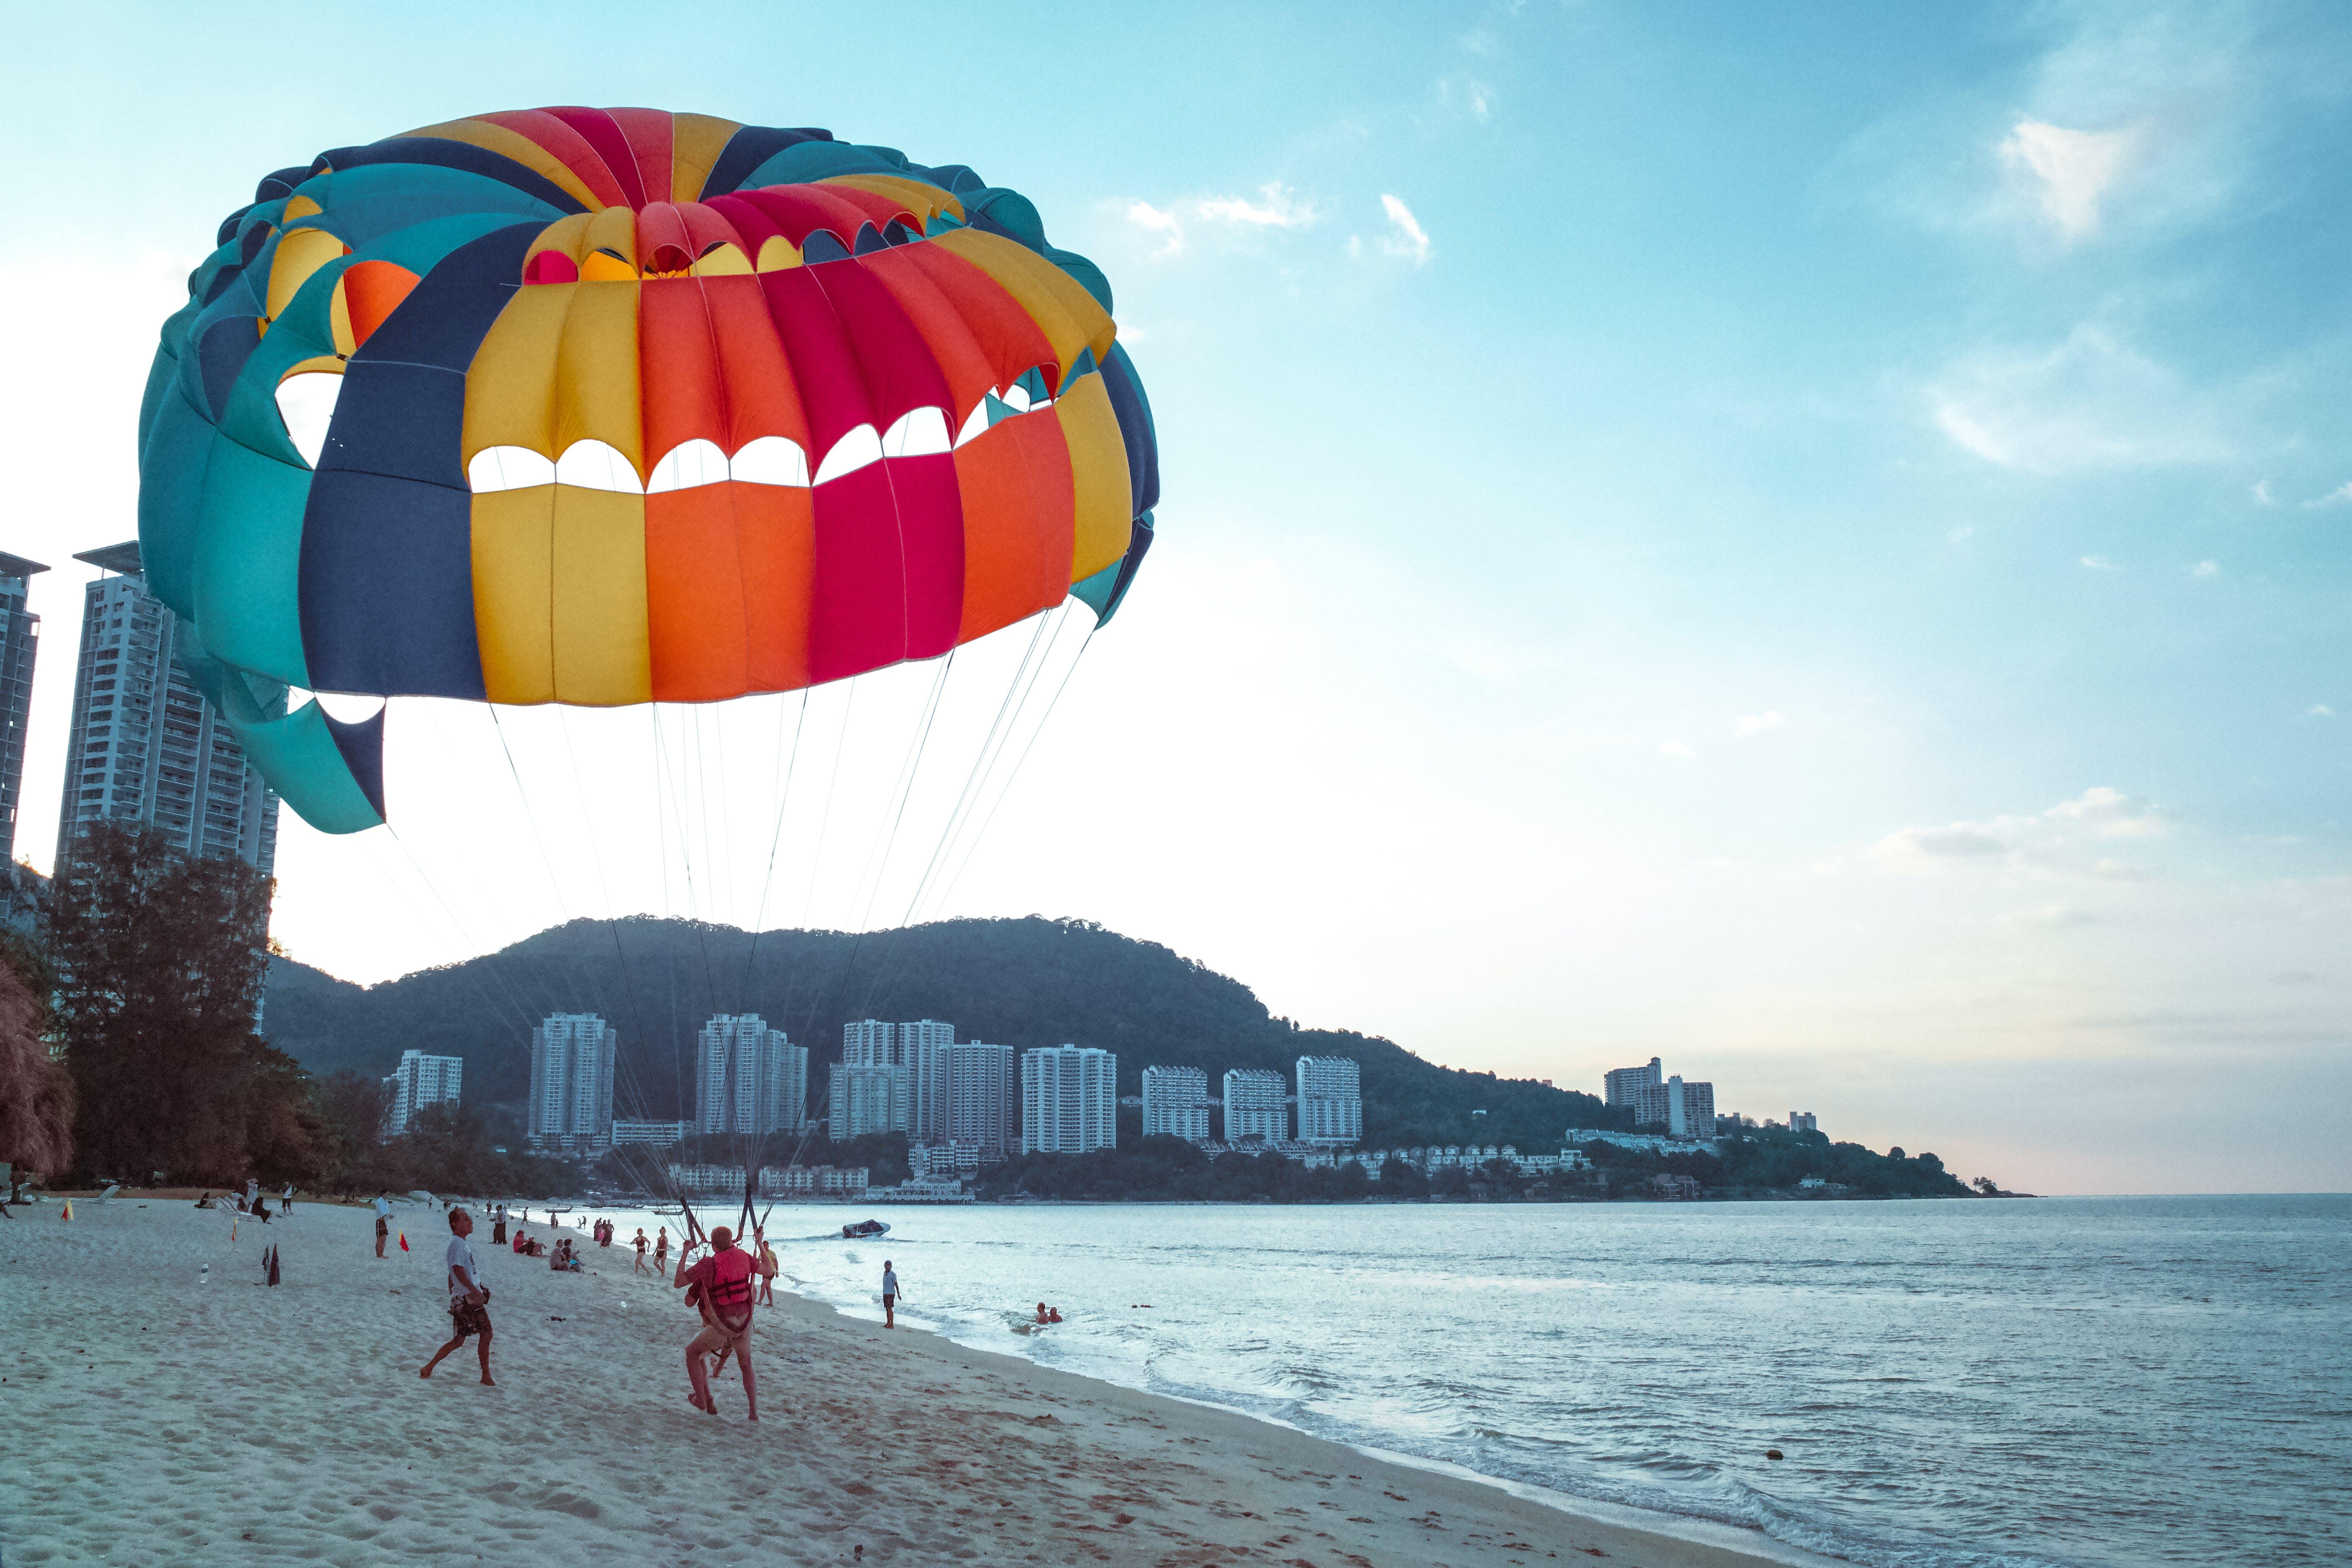 beach, coast, parachute